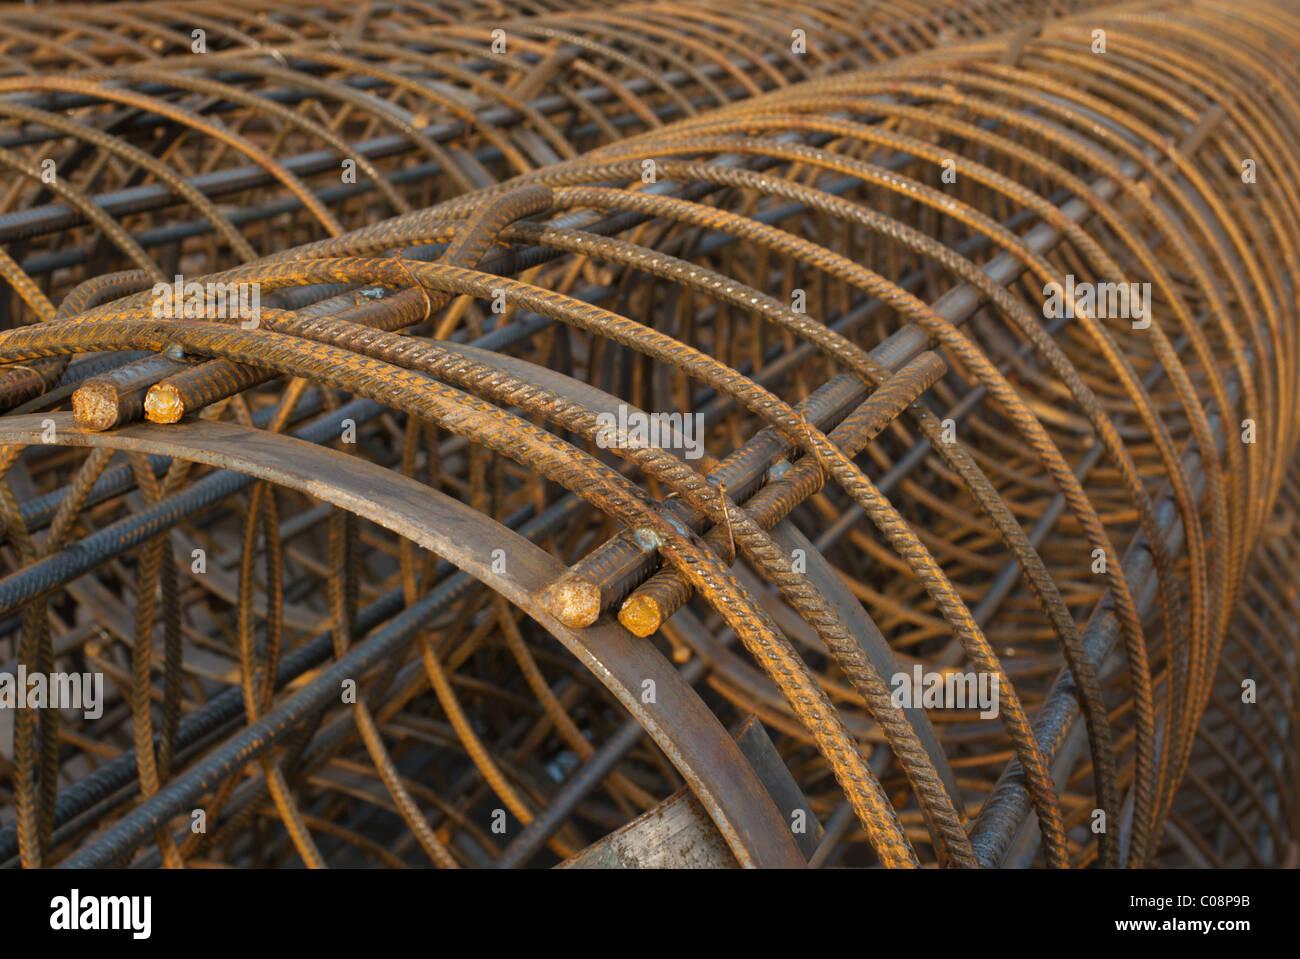 La malla de alambre, refuerzo para el hormigón Imagen De Stock